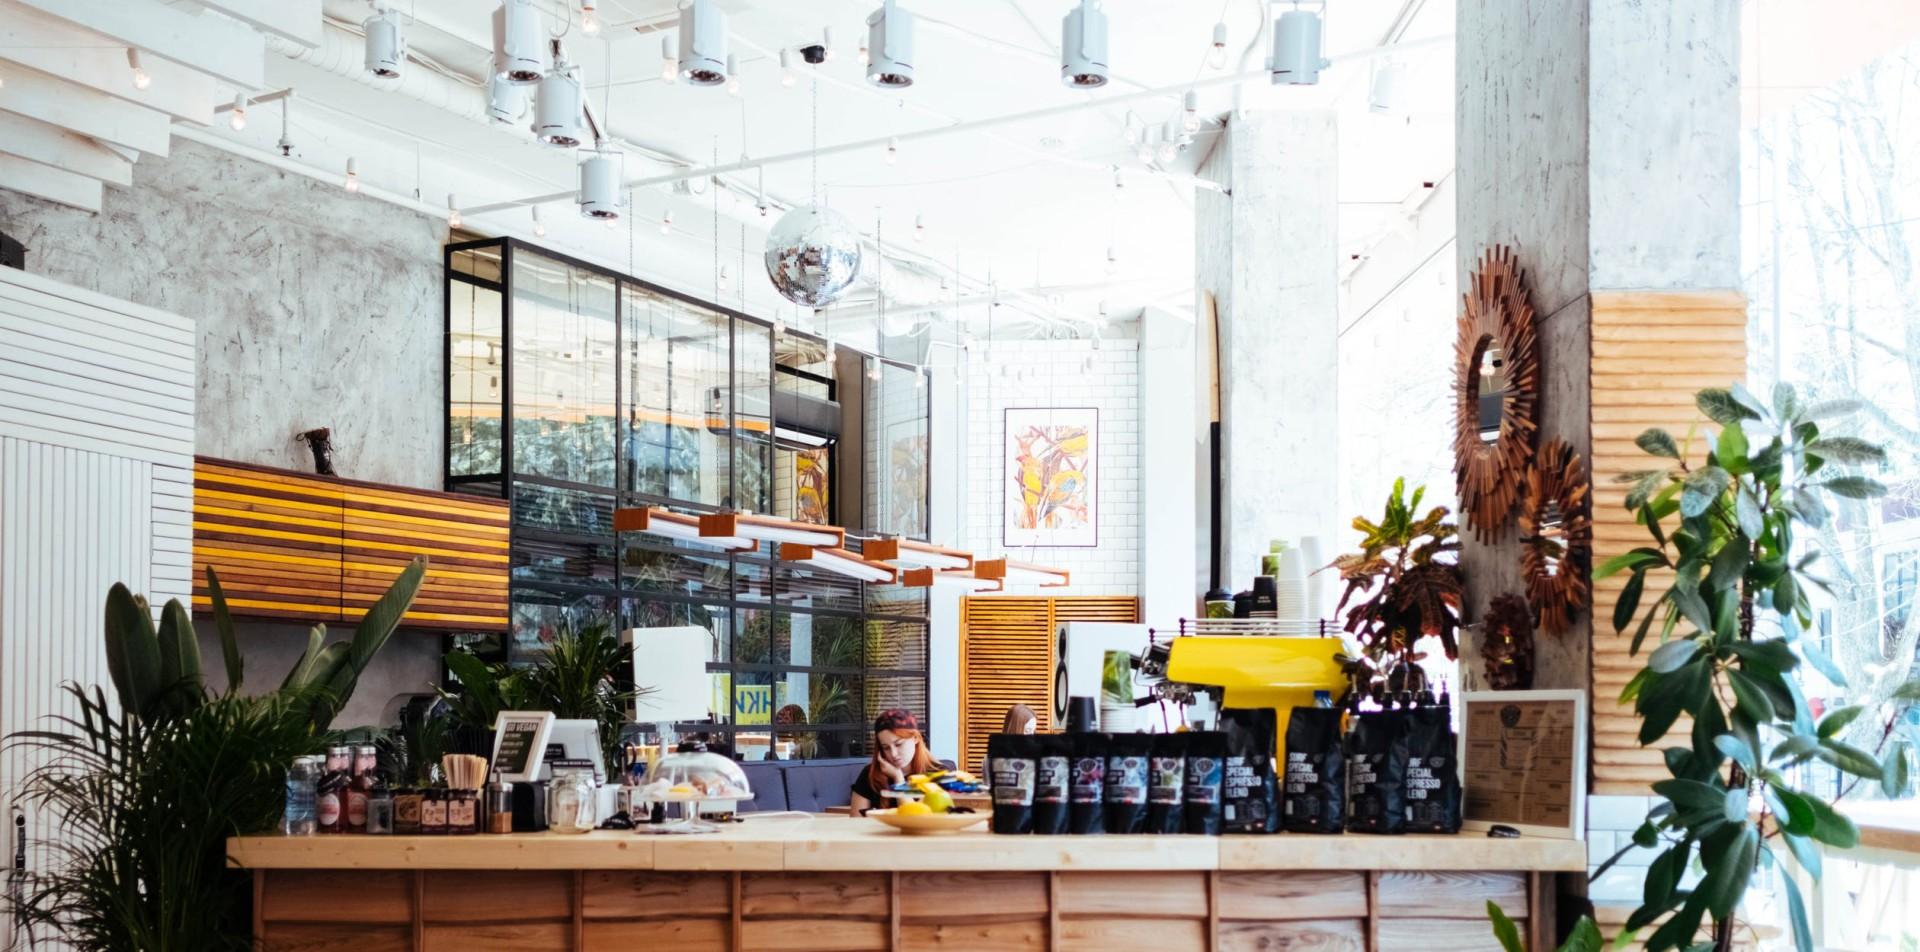 Cafe, Kaffee, Stühle, Tische, Essen, Trinken